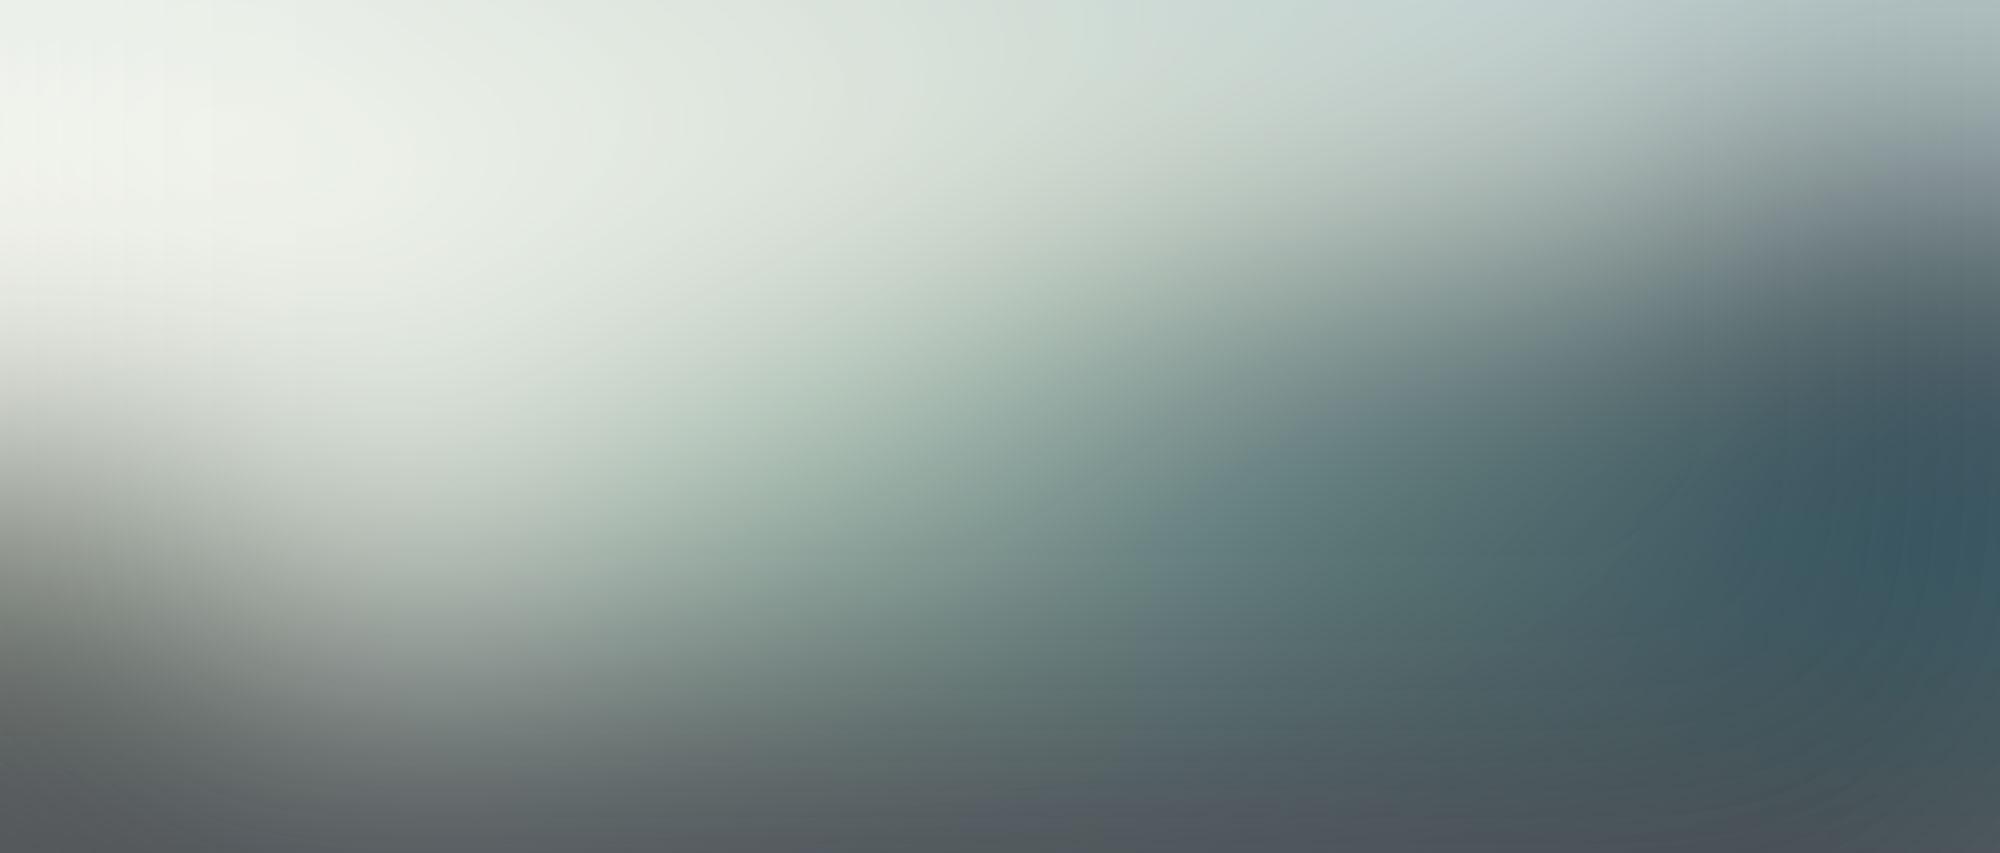 mtn-blur